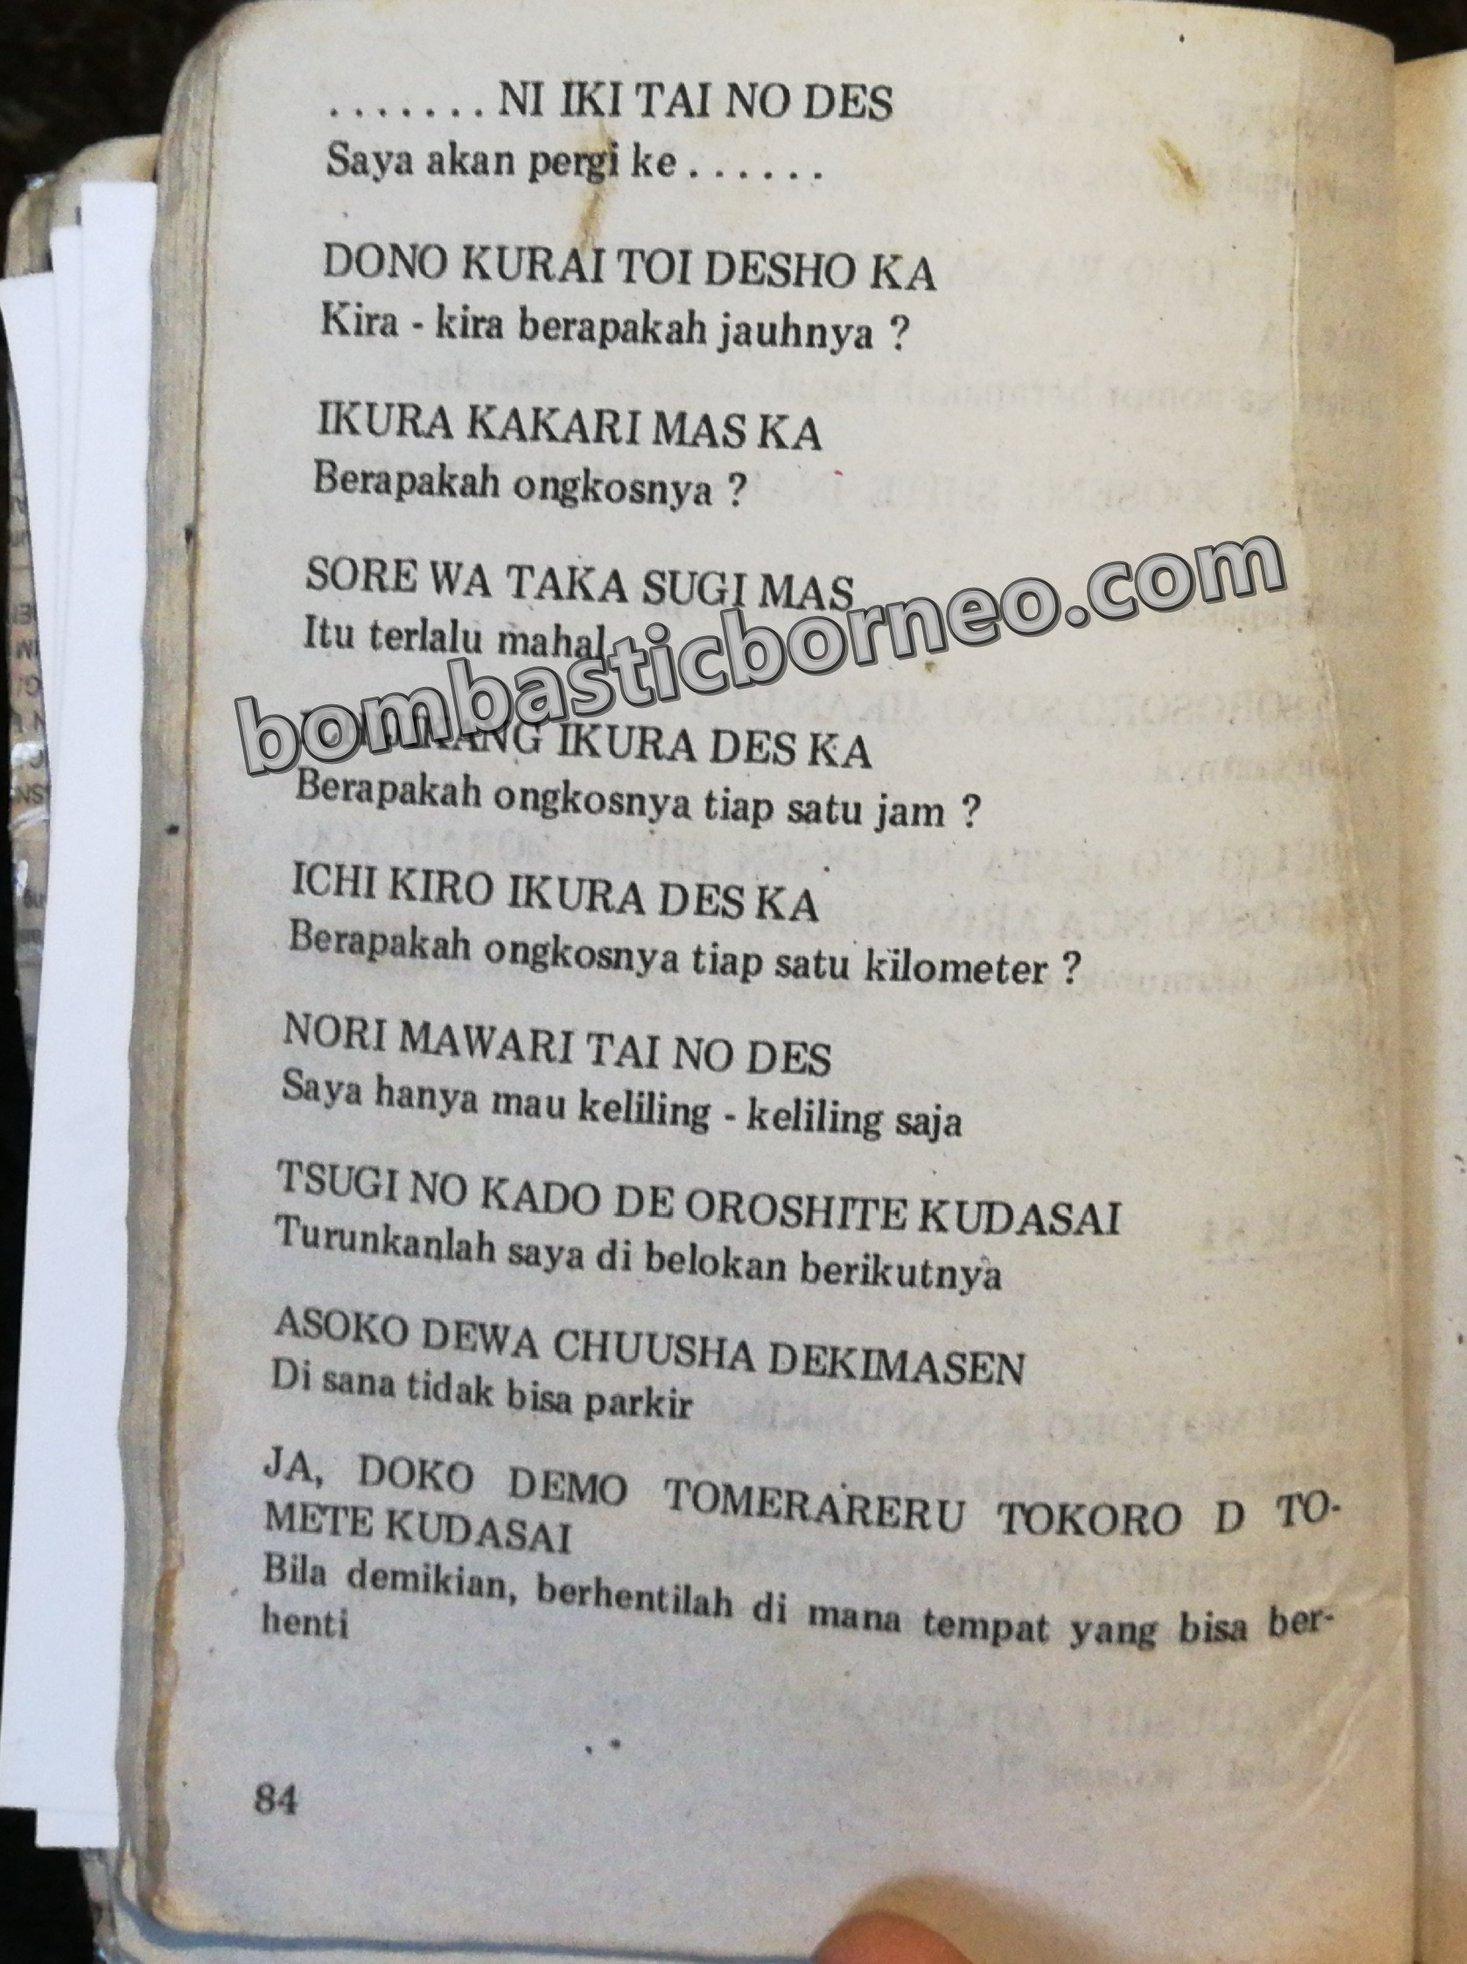 Panglima Siru, Shaman, Jepang, antik, native, history, sejarah, Bengkayang, Dusun Paling Dalam, Sanggau Ledo, Travel, village, Borneo, 探索婆罗洲游踪, 印尼西加里曼丹